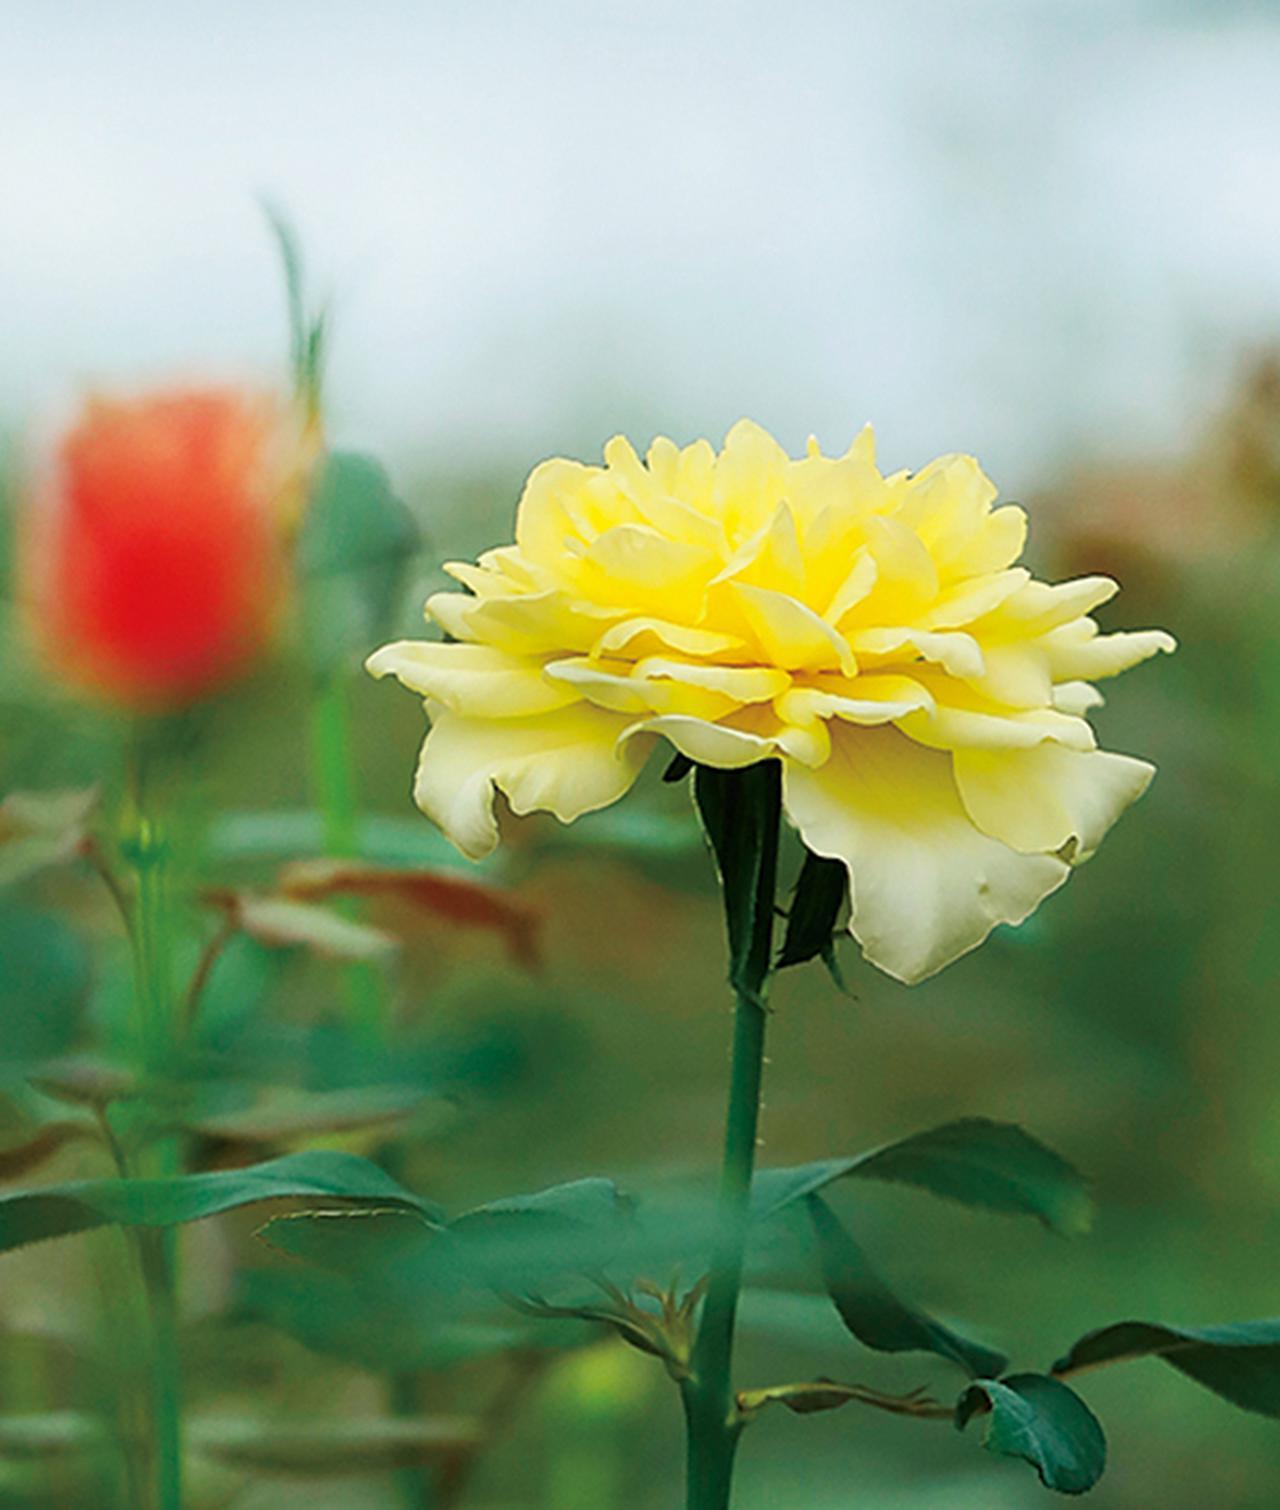 Images : 8番目の画像 - 「Rose Farm KEIJIが 生み出す唯一無二の「和ばら」。 その名前にこめられた想いを紐とく」のアルバム - T JAPAN:The New York Times Style Magazine 公式サイト